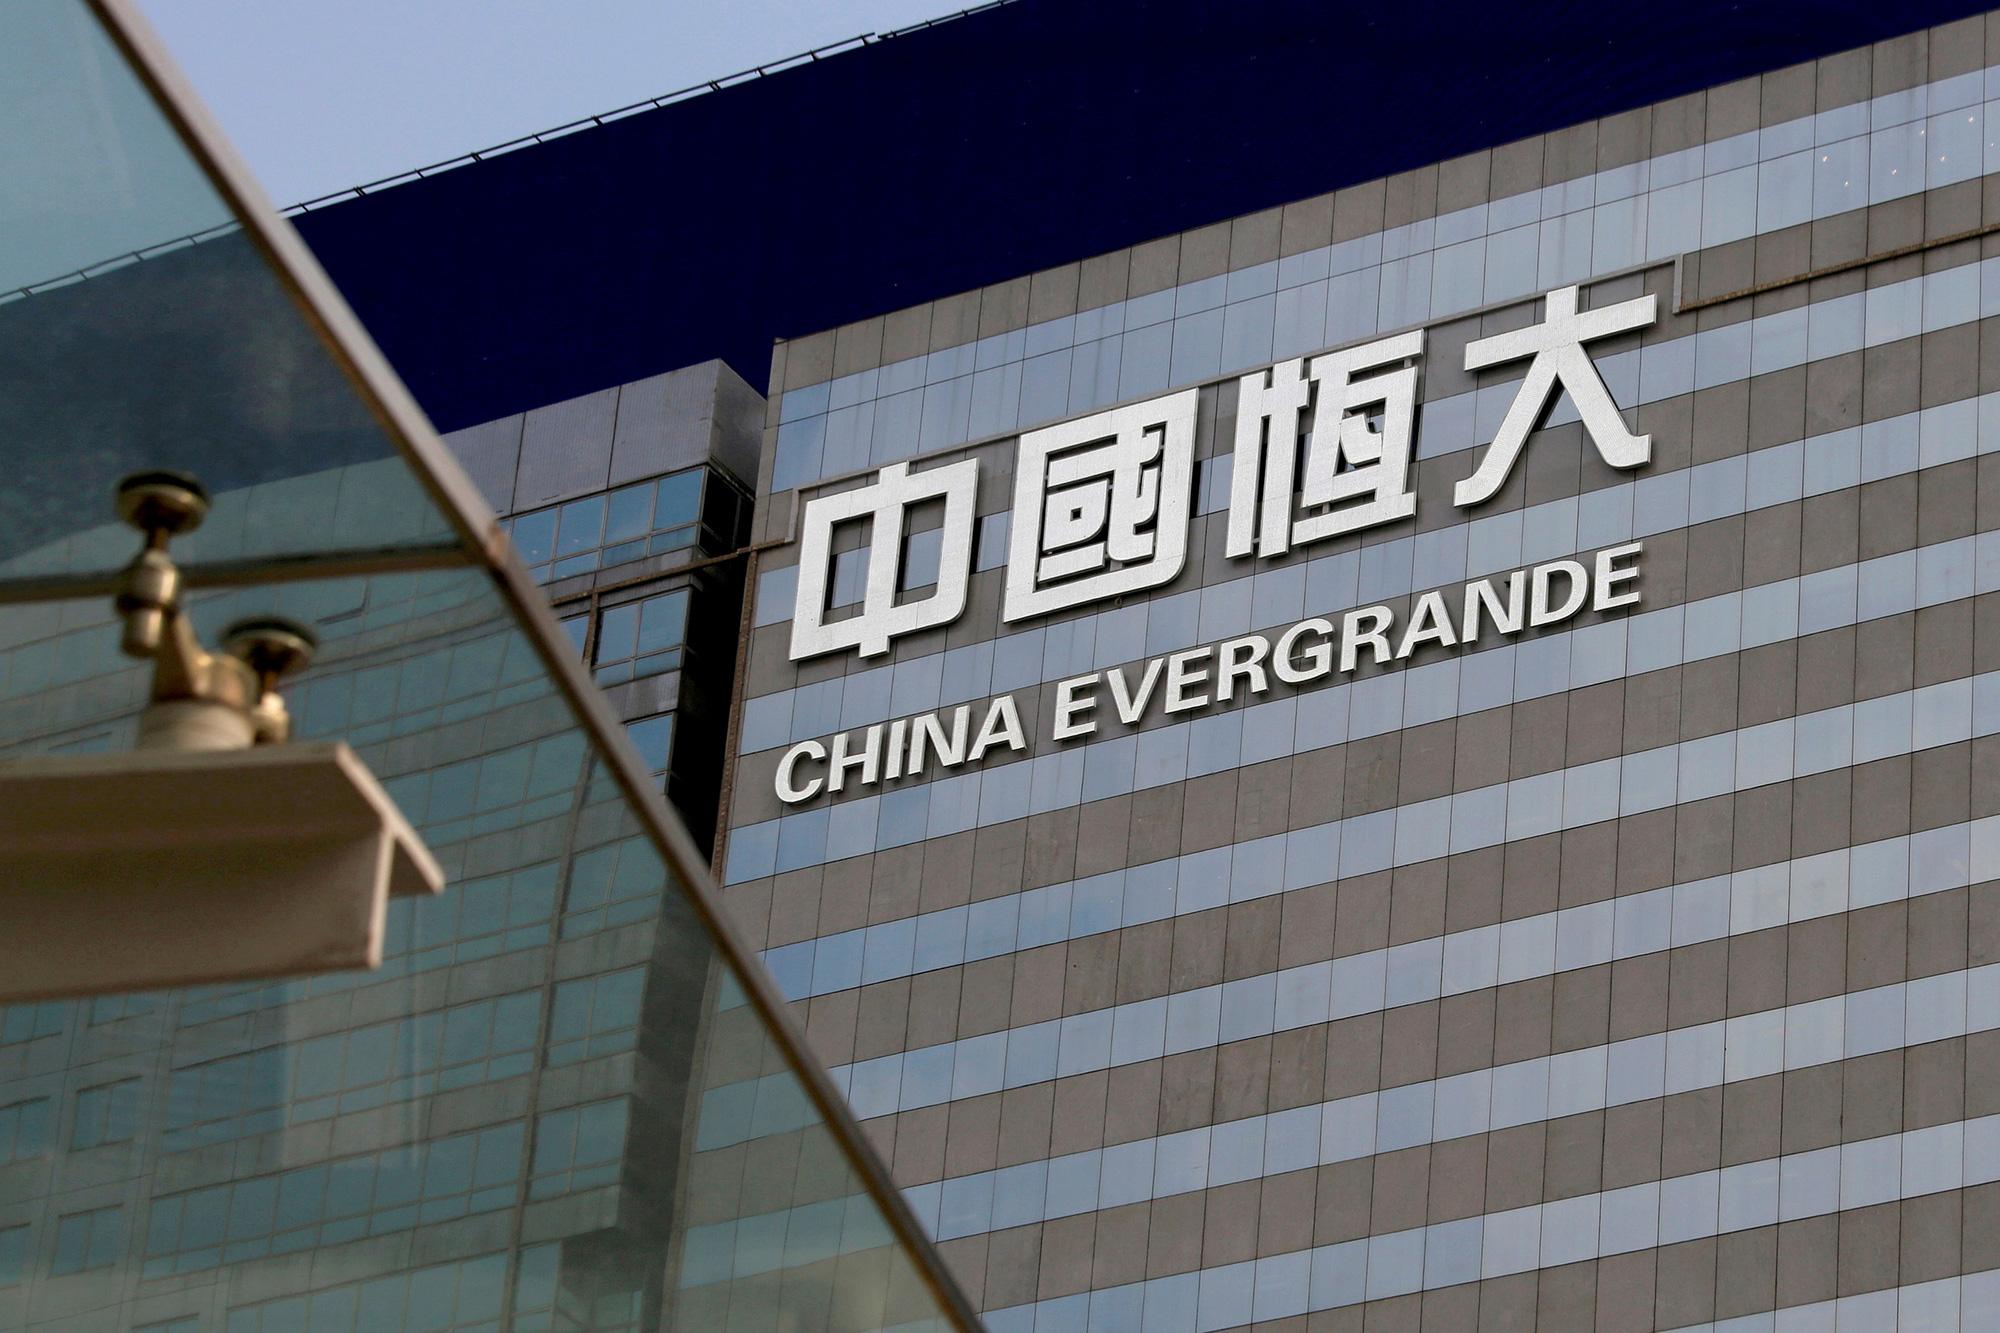 Các nhà phát triển bất động sản Trung Quốc đã bị hạ cấp 91 lần trong năm nay